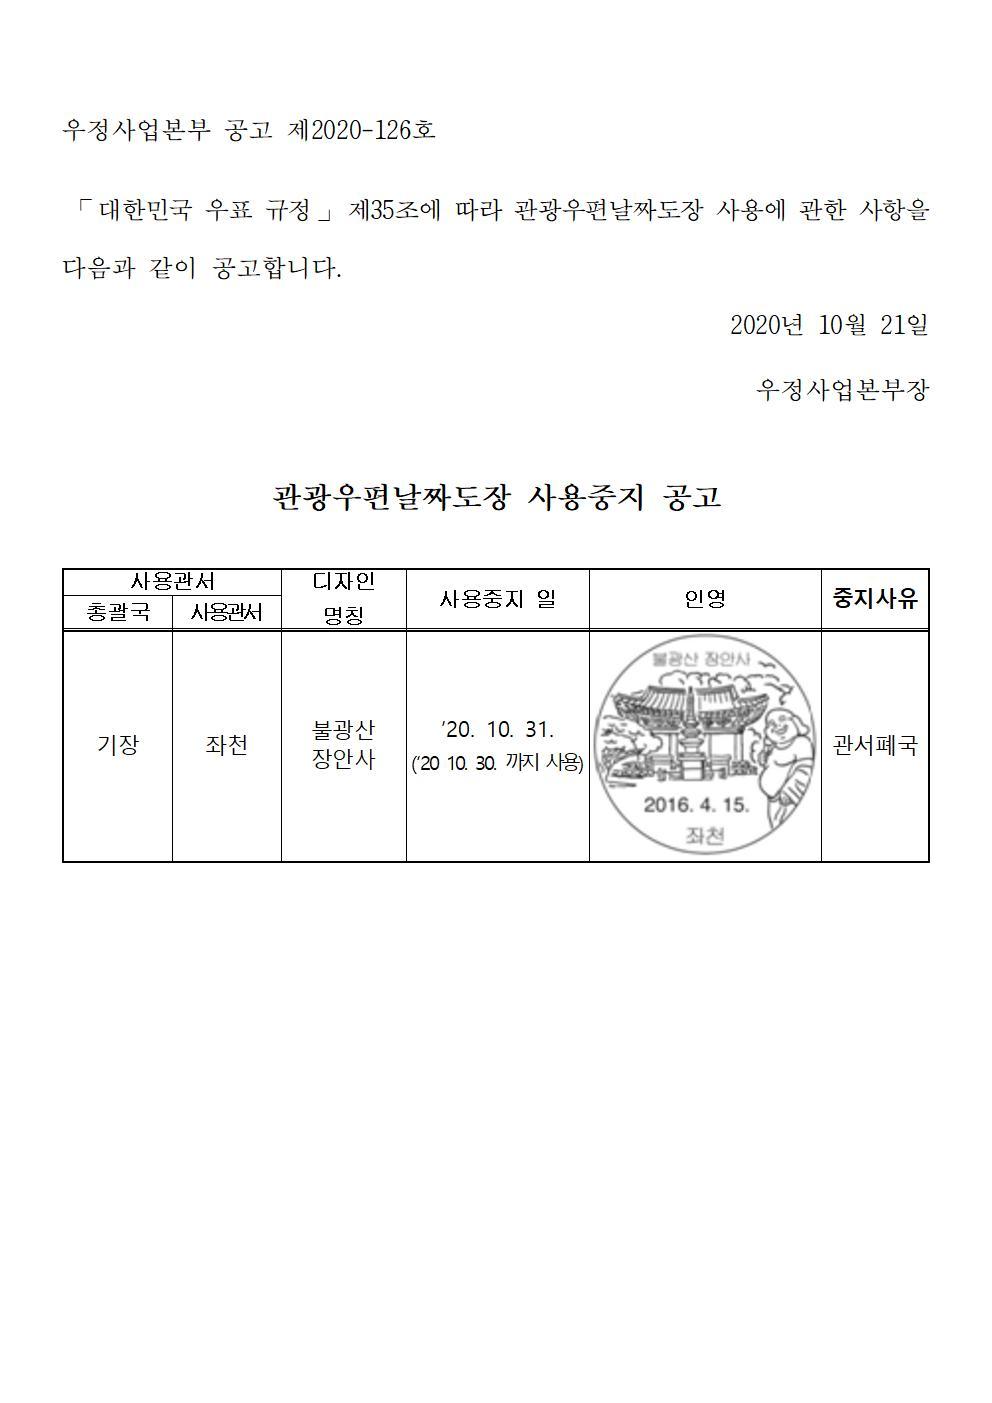 우정사업본부 공고 제2020-126호001.jpg